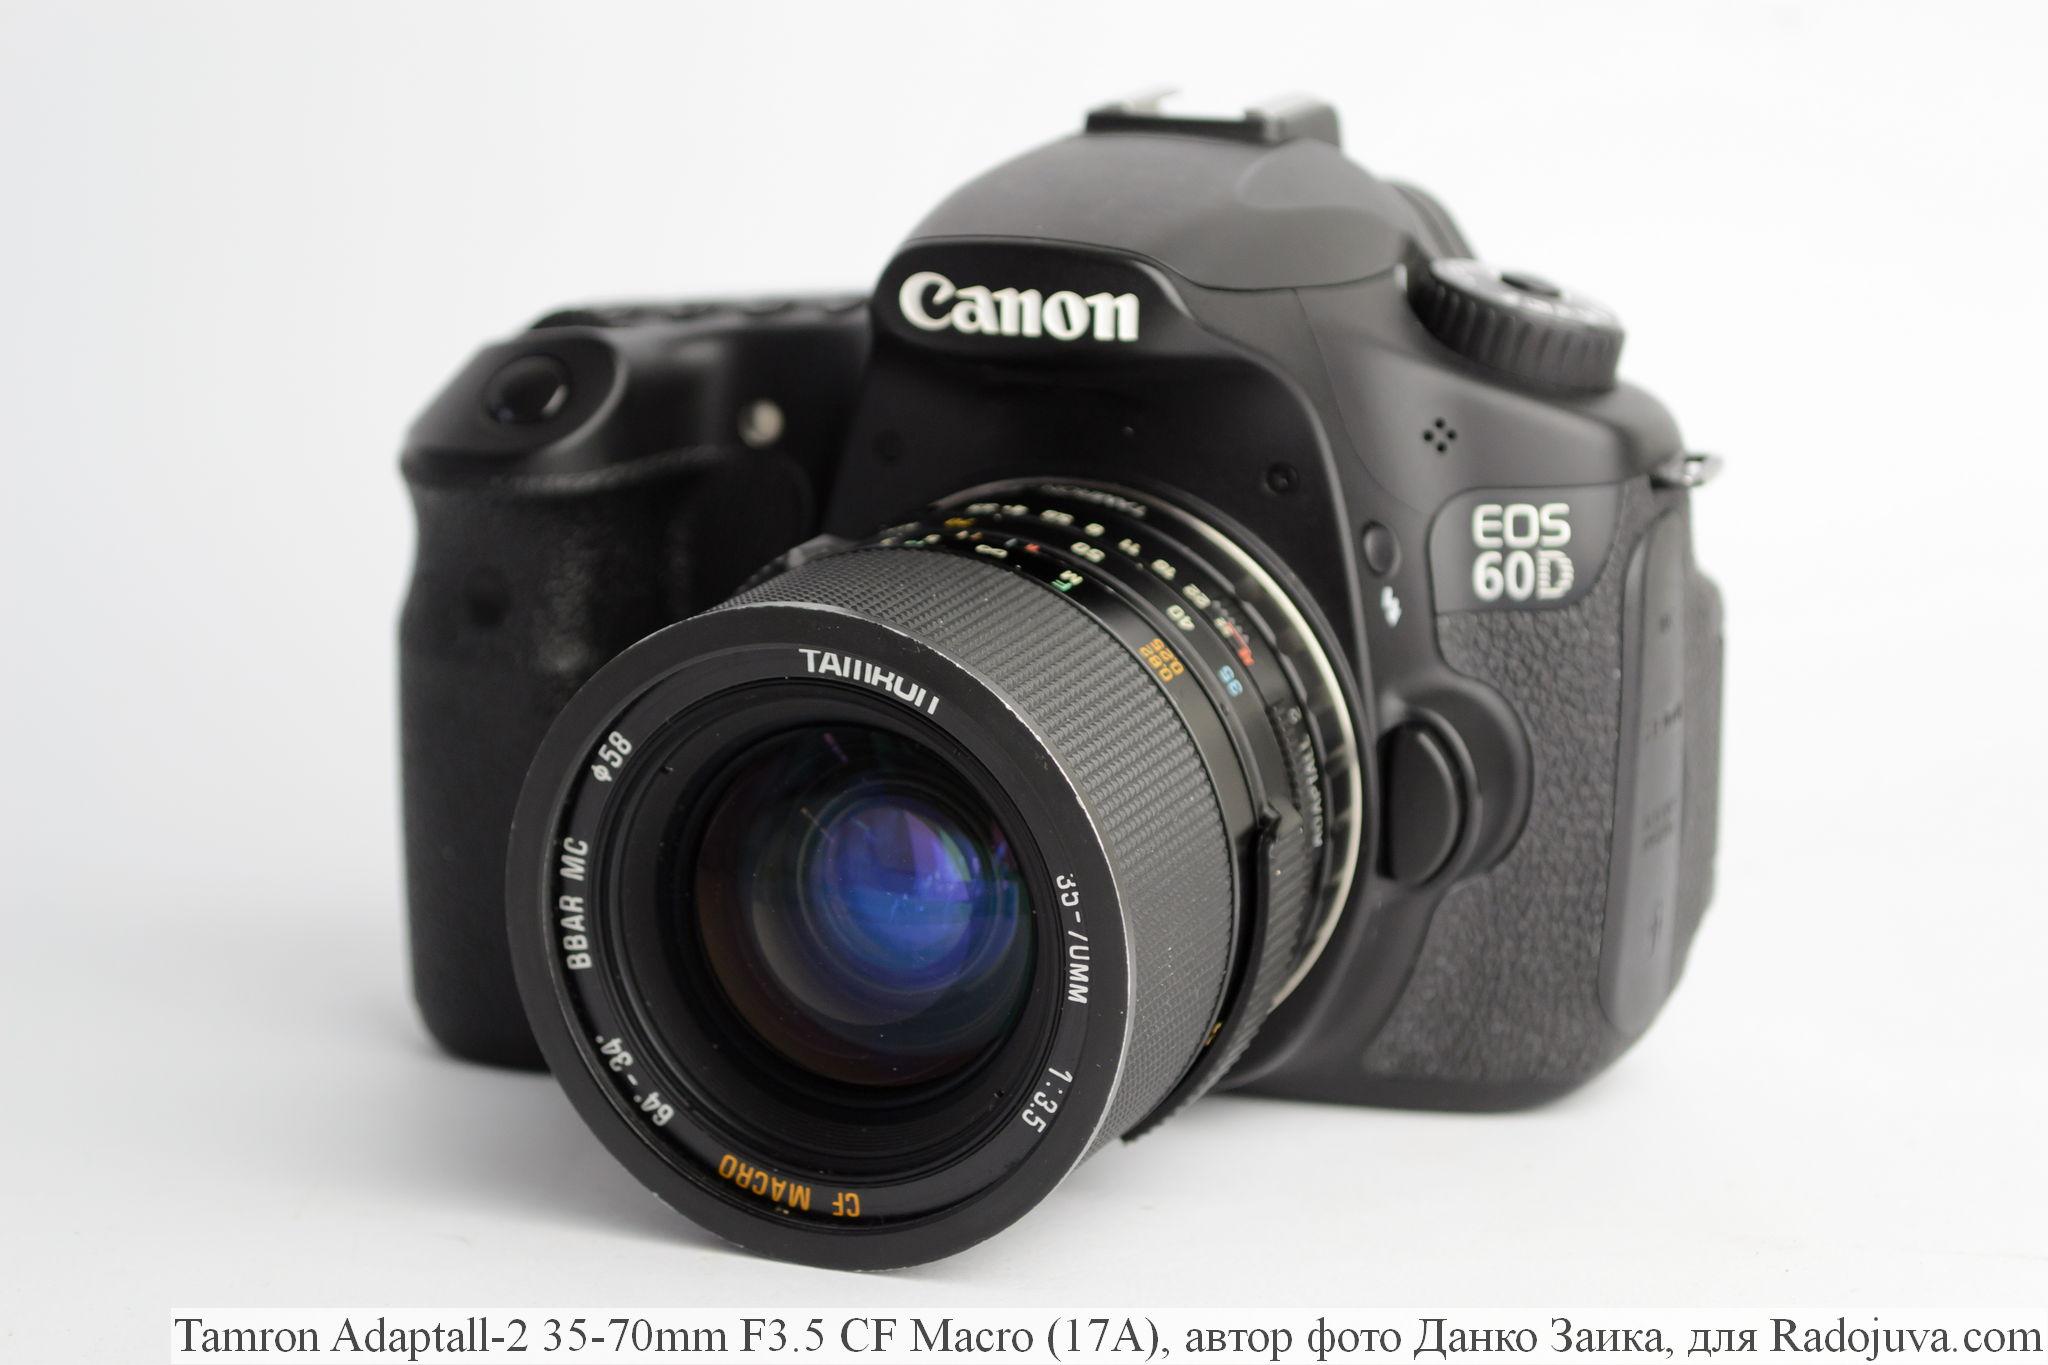 Tamron Adaptall-2 35-70mm F3.5 CF Macro (17A)